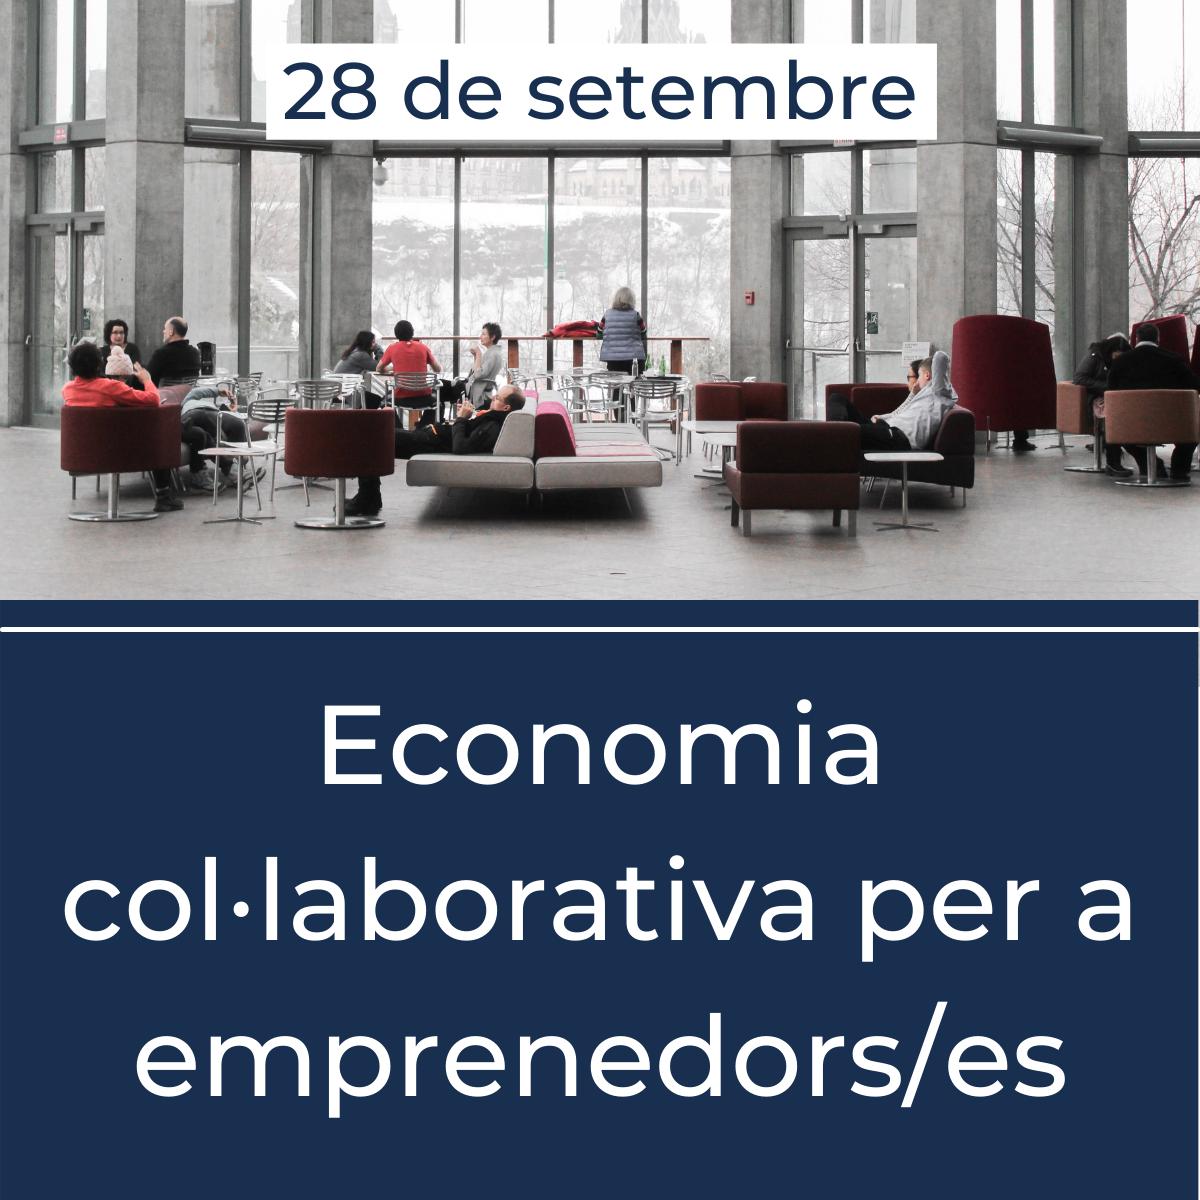 L'economia col·laborativa per emprenedors